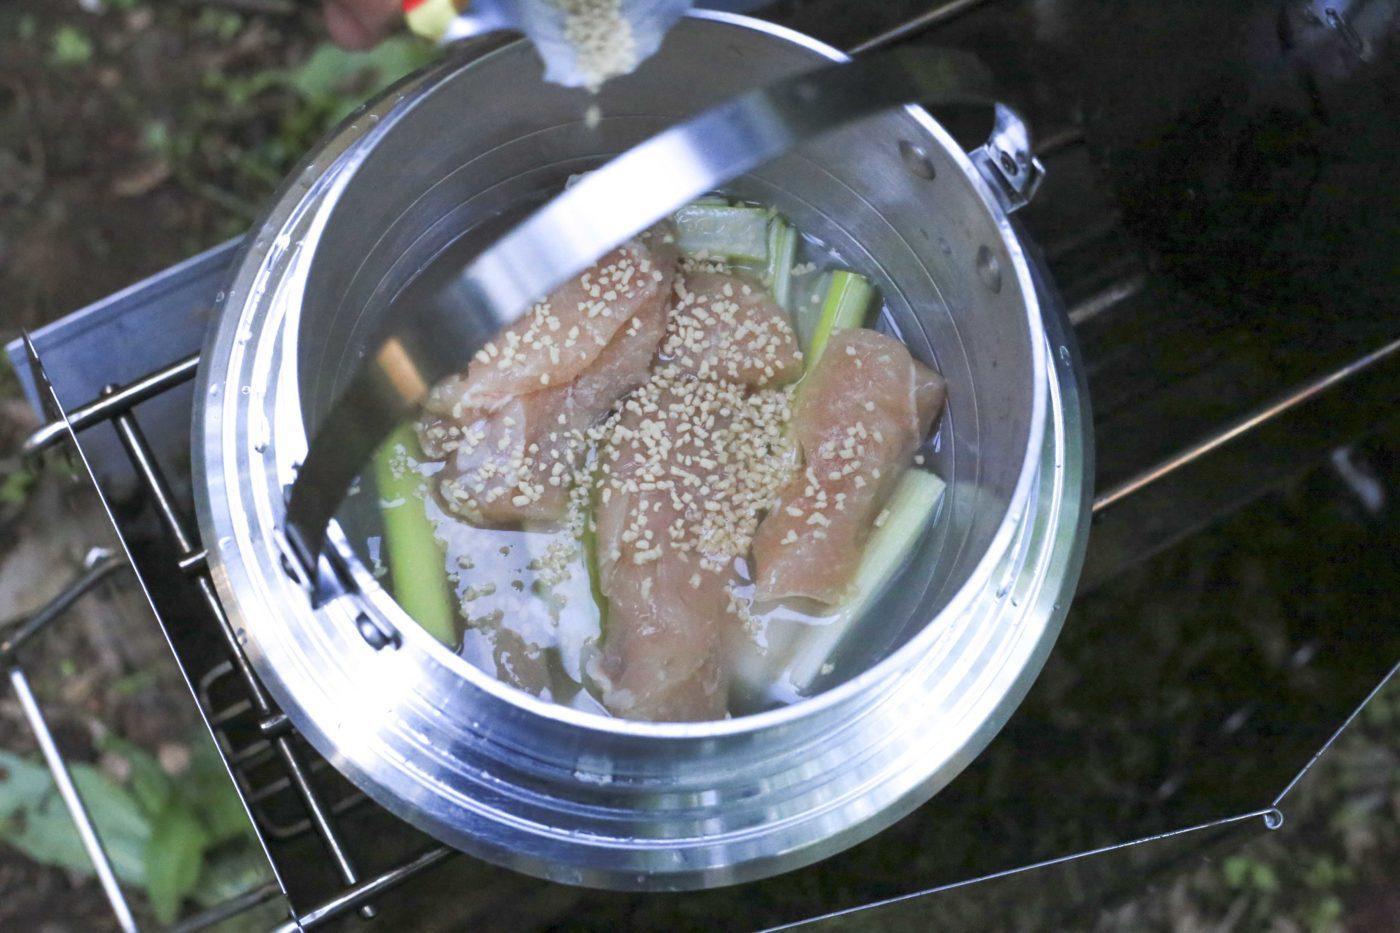 ユニフレームキャンプ羽釜を使ったキャンプ飯レシピ【鶏飯】には中華スープの元を入れると美味しい。